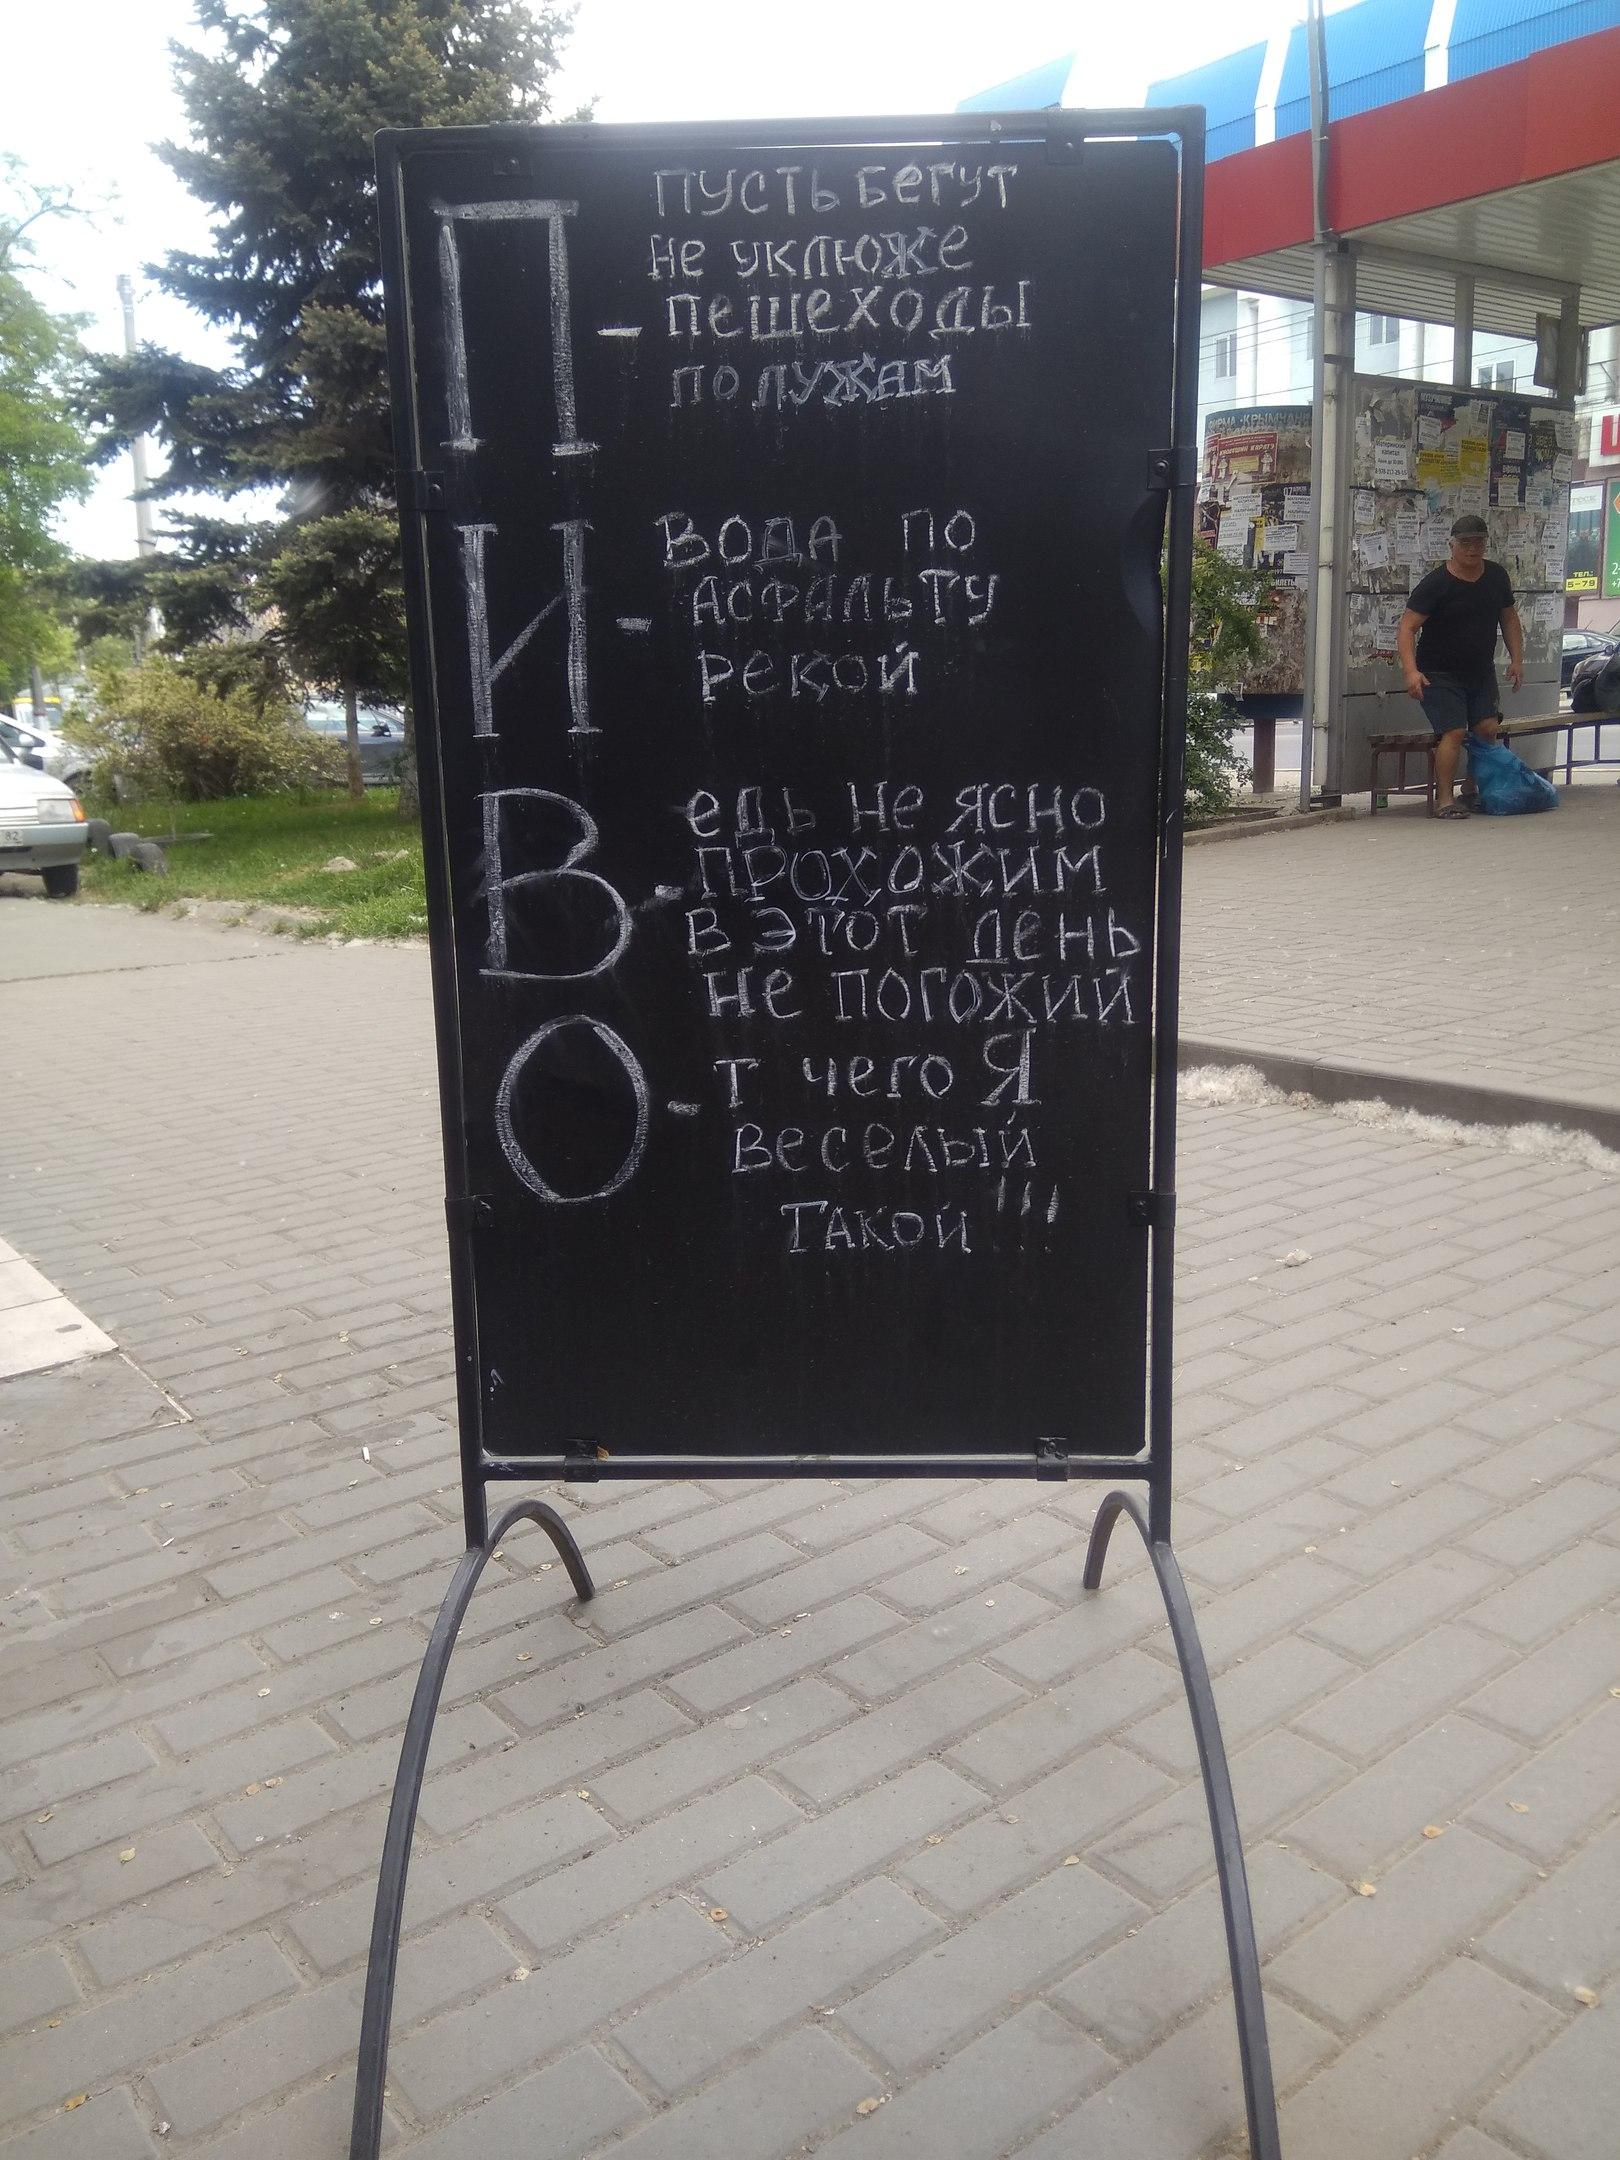 http://s5.uploads.ru/E0Oe2.jpg